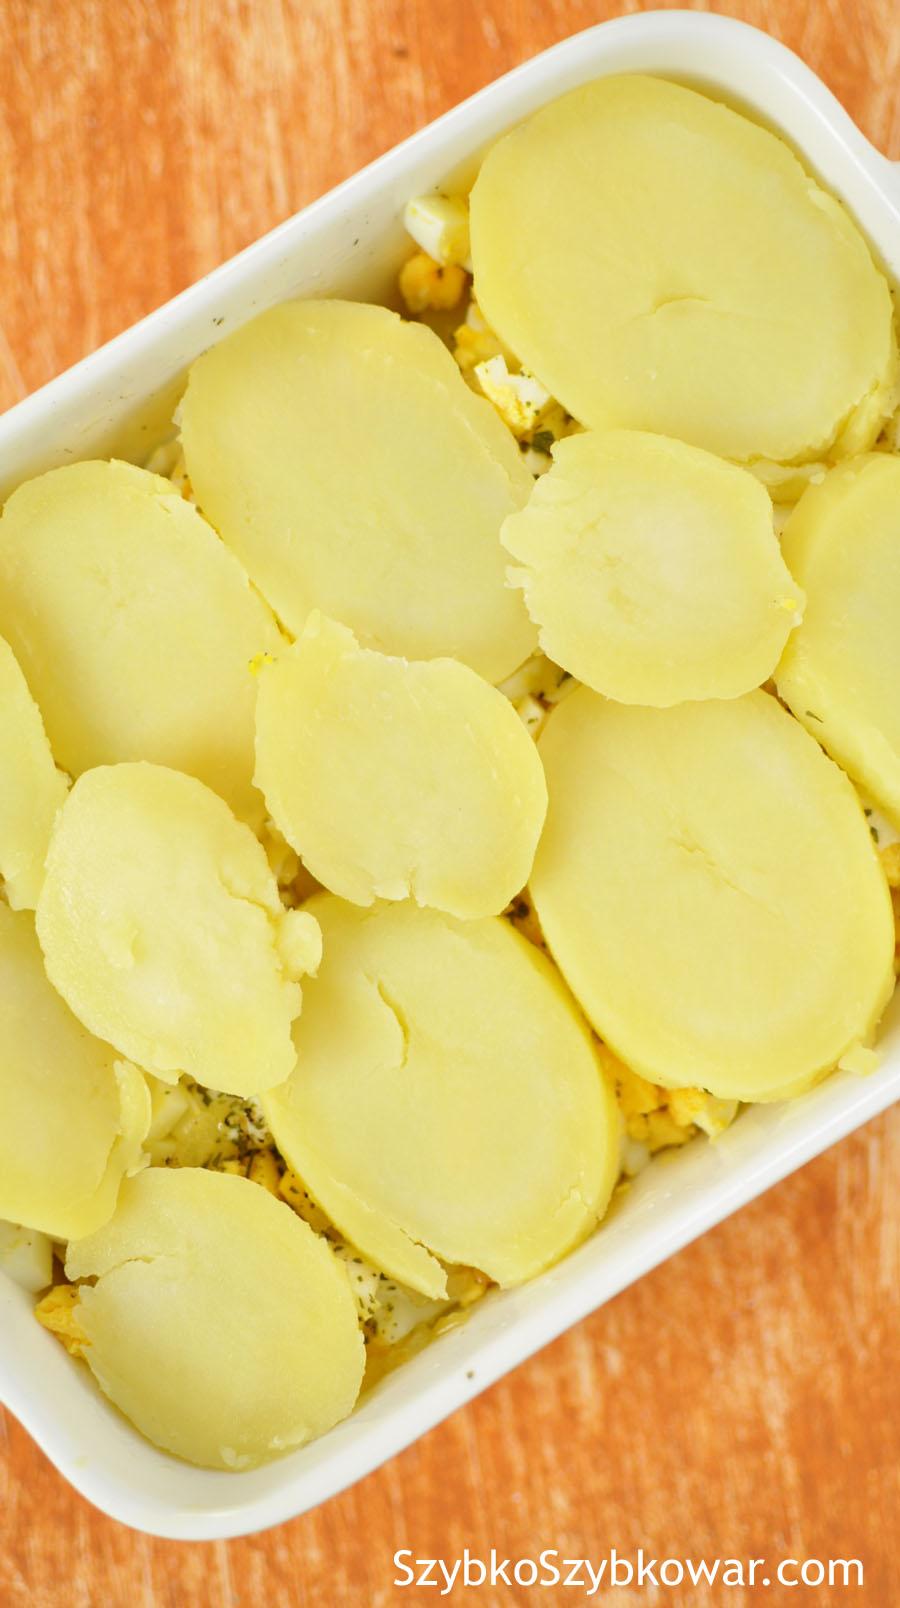 Ułóż ostatnią warstwę z plastrów ziemniaków.